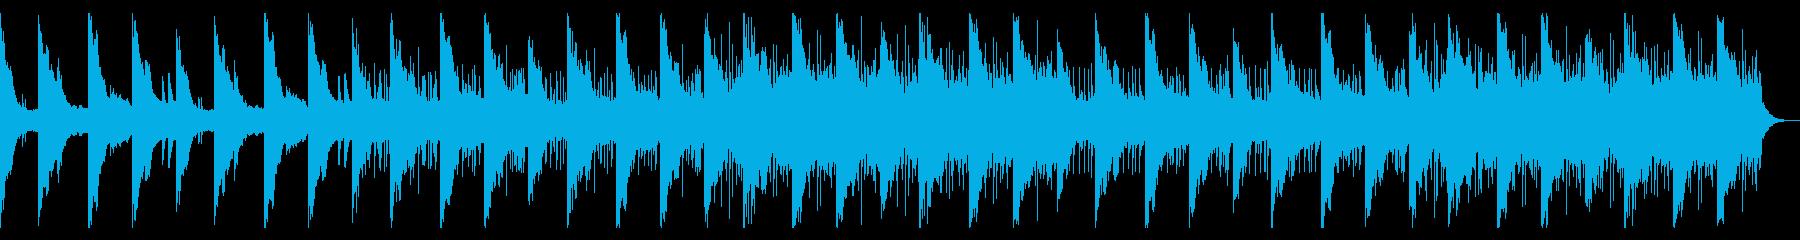 壮大。荘厳。エピックテイストBGM。2の再生済みの波形